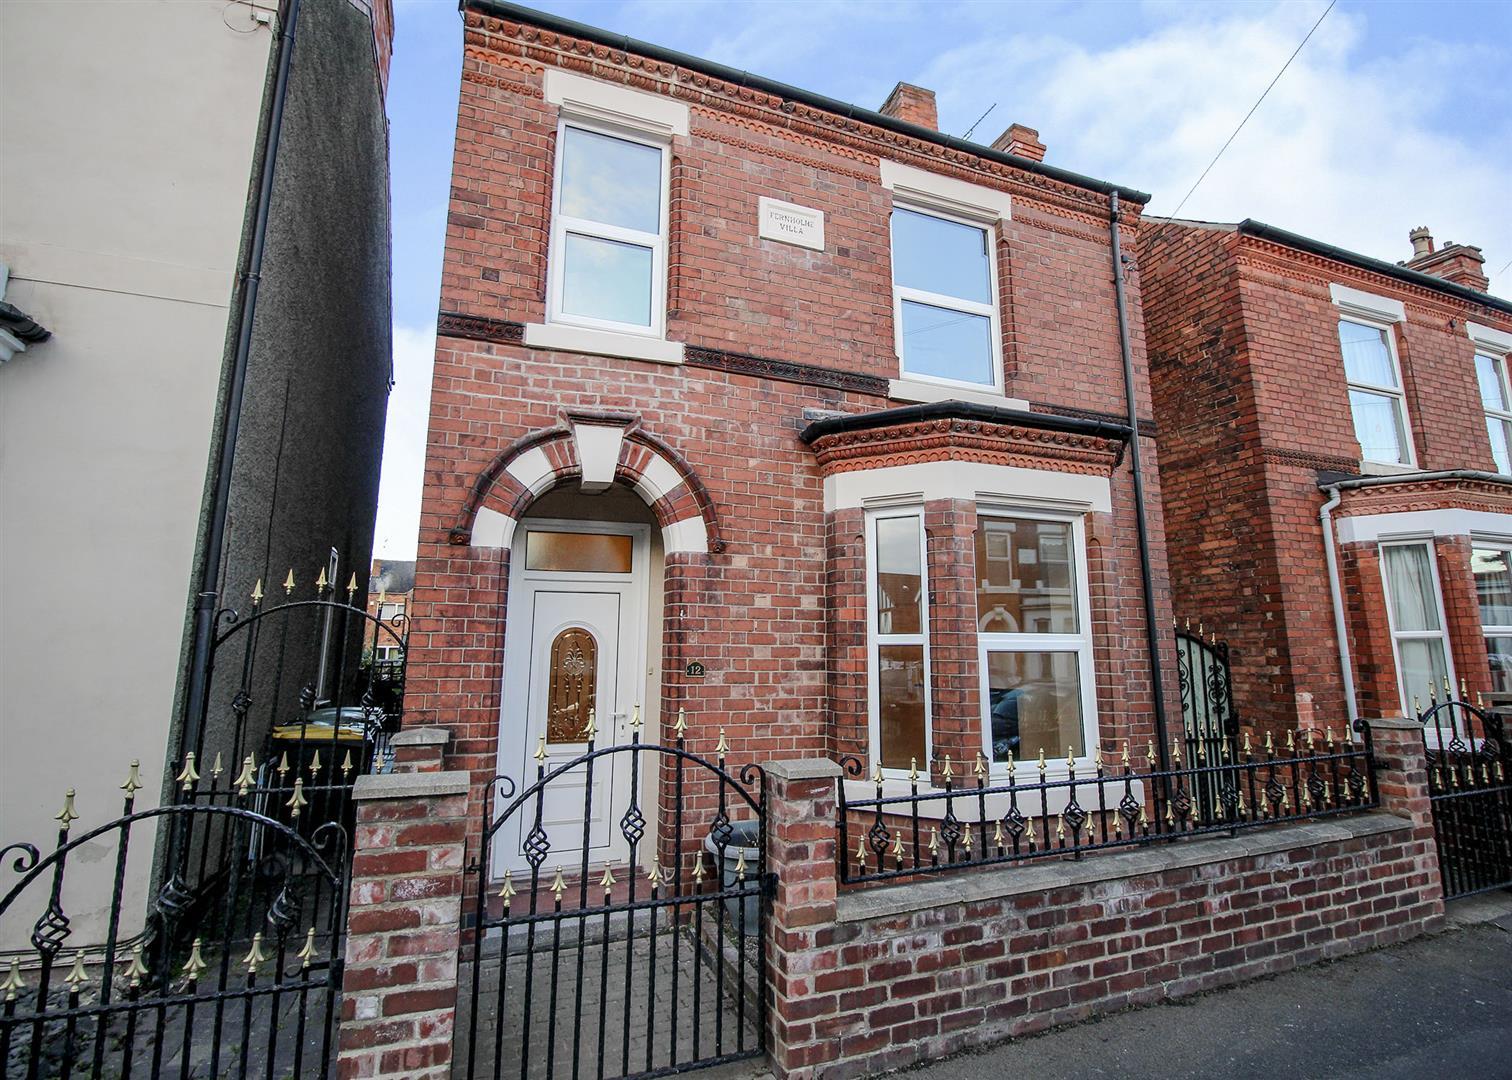 3 Bedrooms House for sale in Park Street, Stapleford, Nottingham